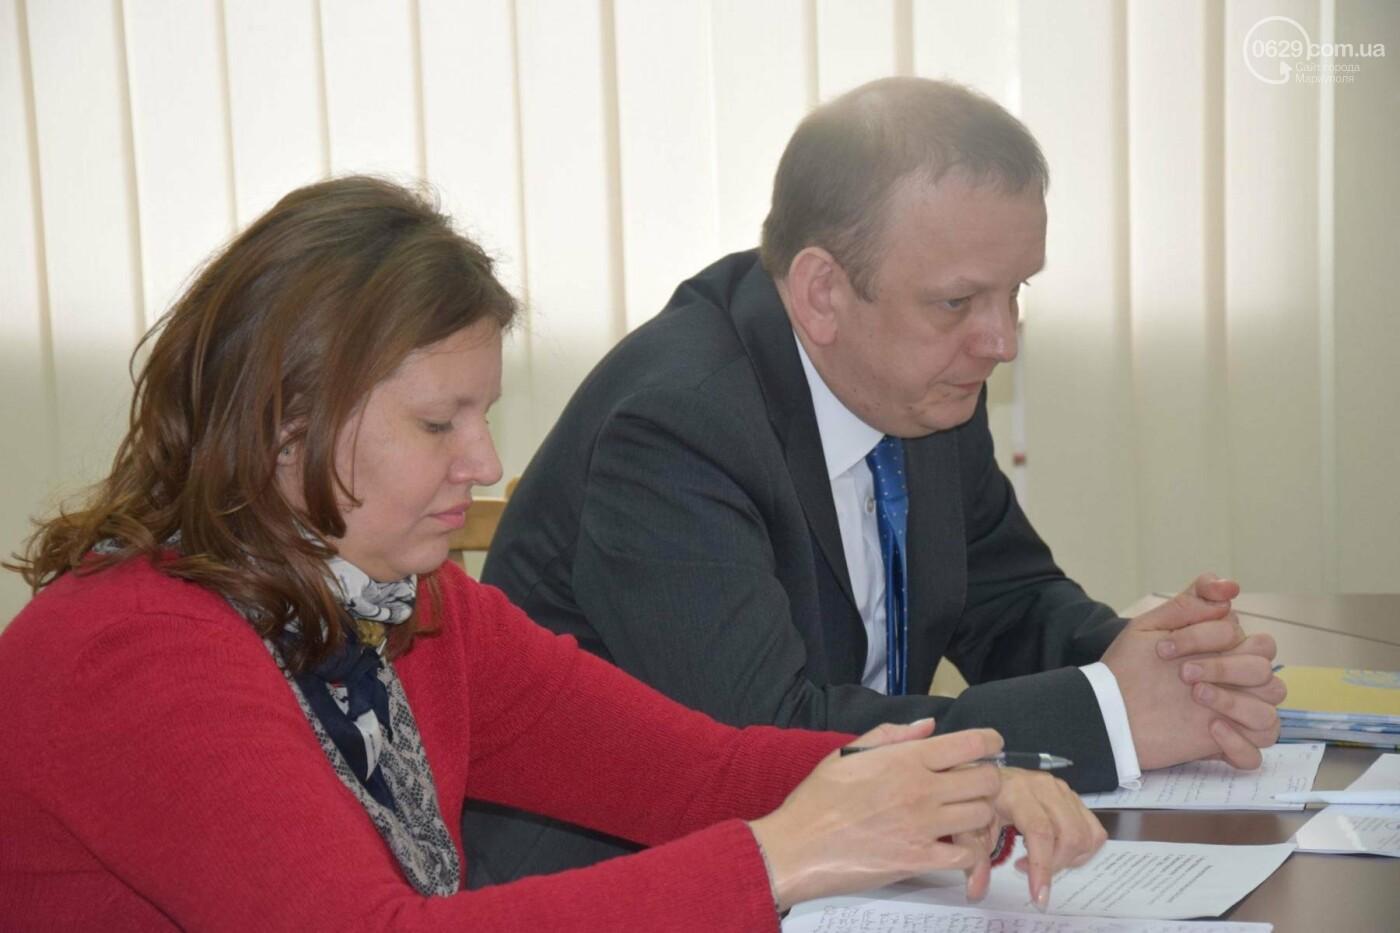 Чрезвычайный и полномочный посол Эстонии приехал в Мариуполь на разведку (ФОТО, ВИДЕО), фото-8